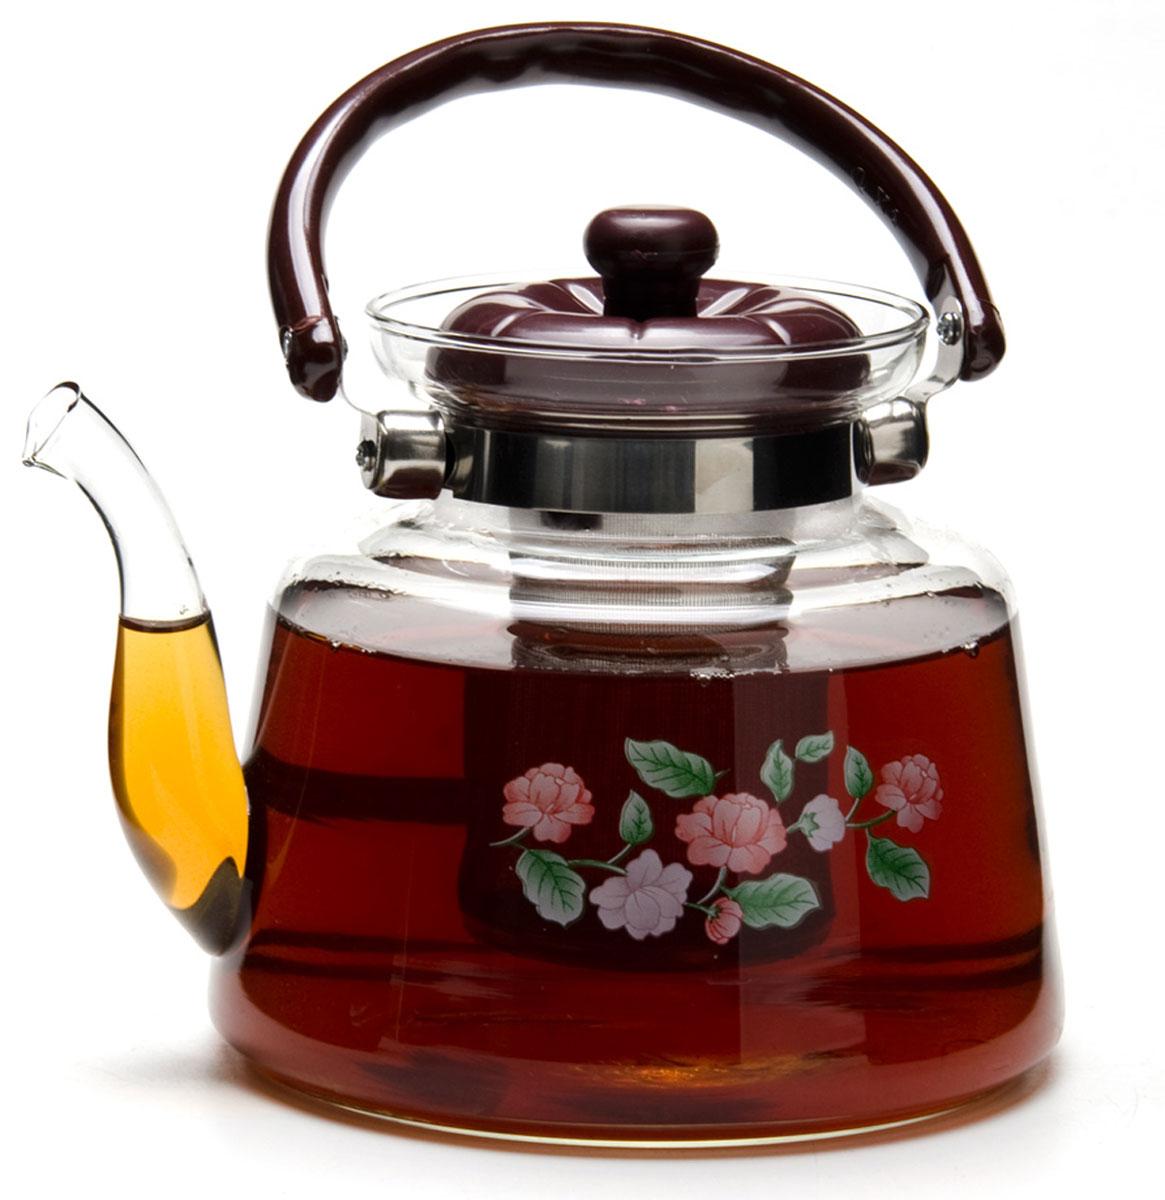 Чайник заварочный Mayer & Boch, 1,8 л. 2078220782Заварочный чайник, выполненный из жаропрочного стекла, практичный и простой в использовании. Ручка и крышка заварочного чайника изготовлены из пластика черного цвета, что обеспечивает дополнительную защиту от ожогов. Чайник оснащен сетчатым фильтром из нержавеющей стали, что позволяет задерживать чаинки и предотвращать их попадание в чашку, а прозрачные стенки дадут возможность наблюдать за насыщением напитка.Объем чайника: 1,8 л.